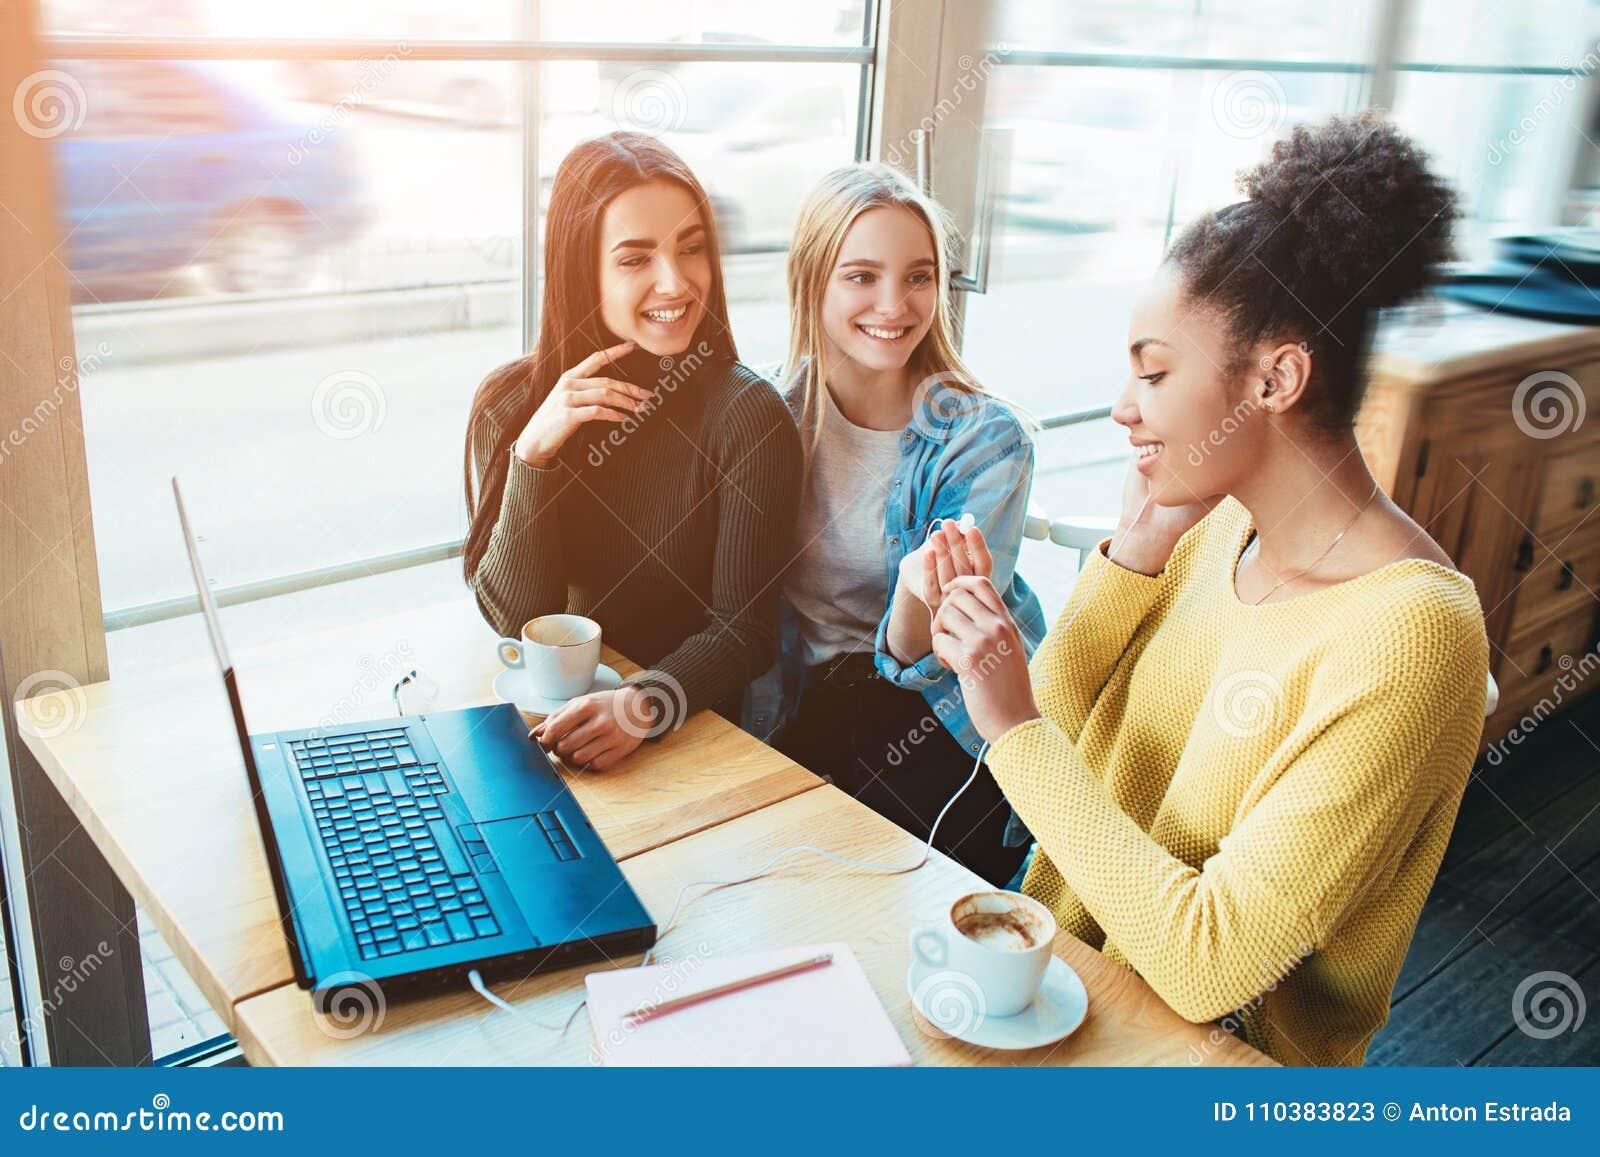 Sitter talar unga kvinnor för träd tillsammans i ett litet kafé med stora fönster och med de Ett av dem är